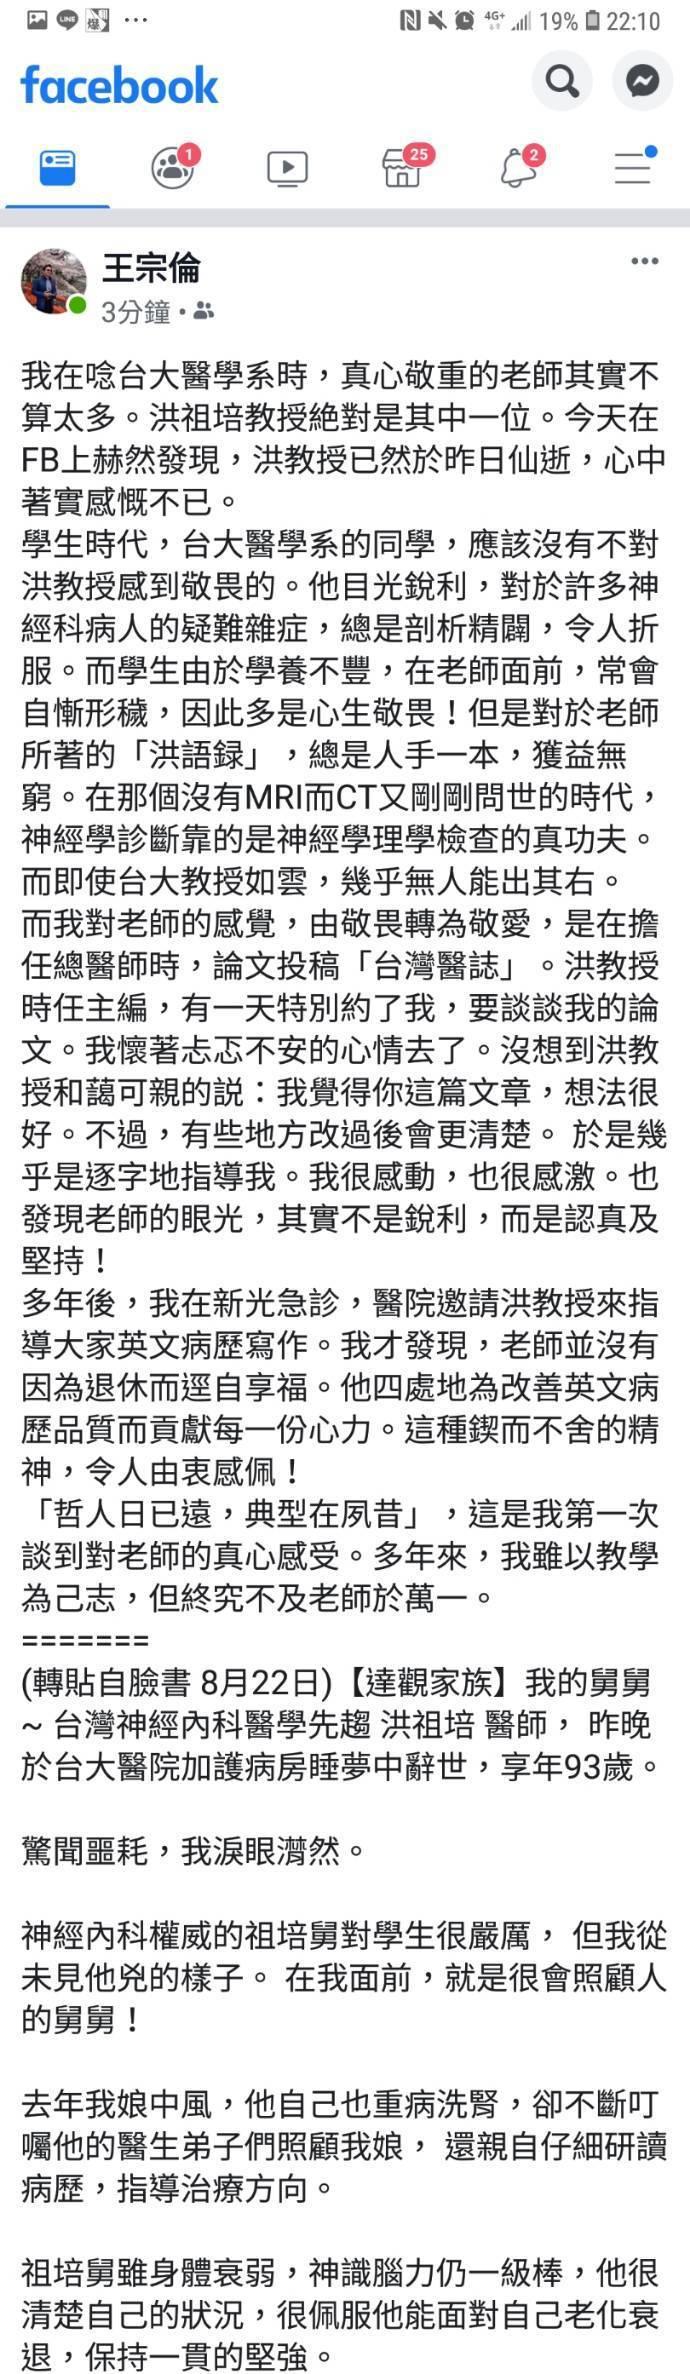 有「台灣神經科祖師爺」稱號的前台大神經科教授洪祖培,日前於睡夢中辭世,彰濱秀傳醫...